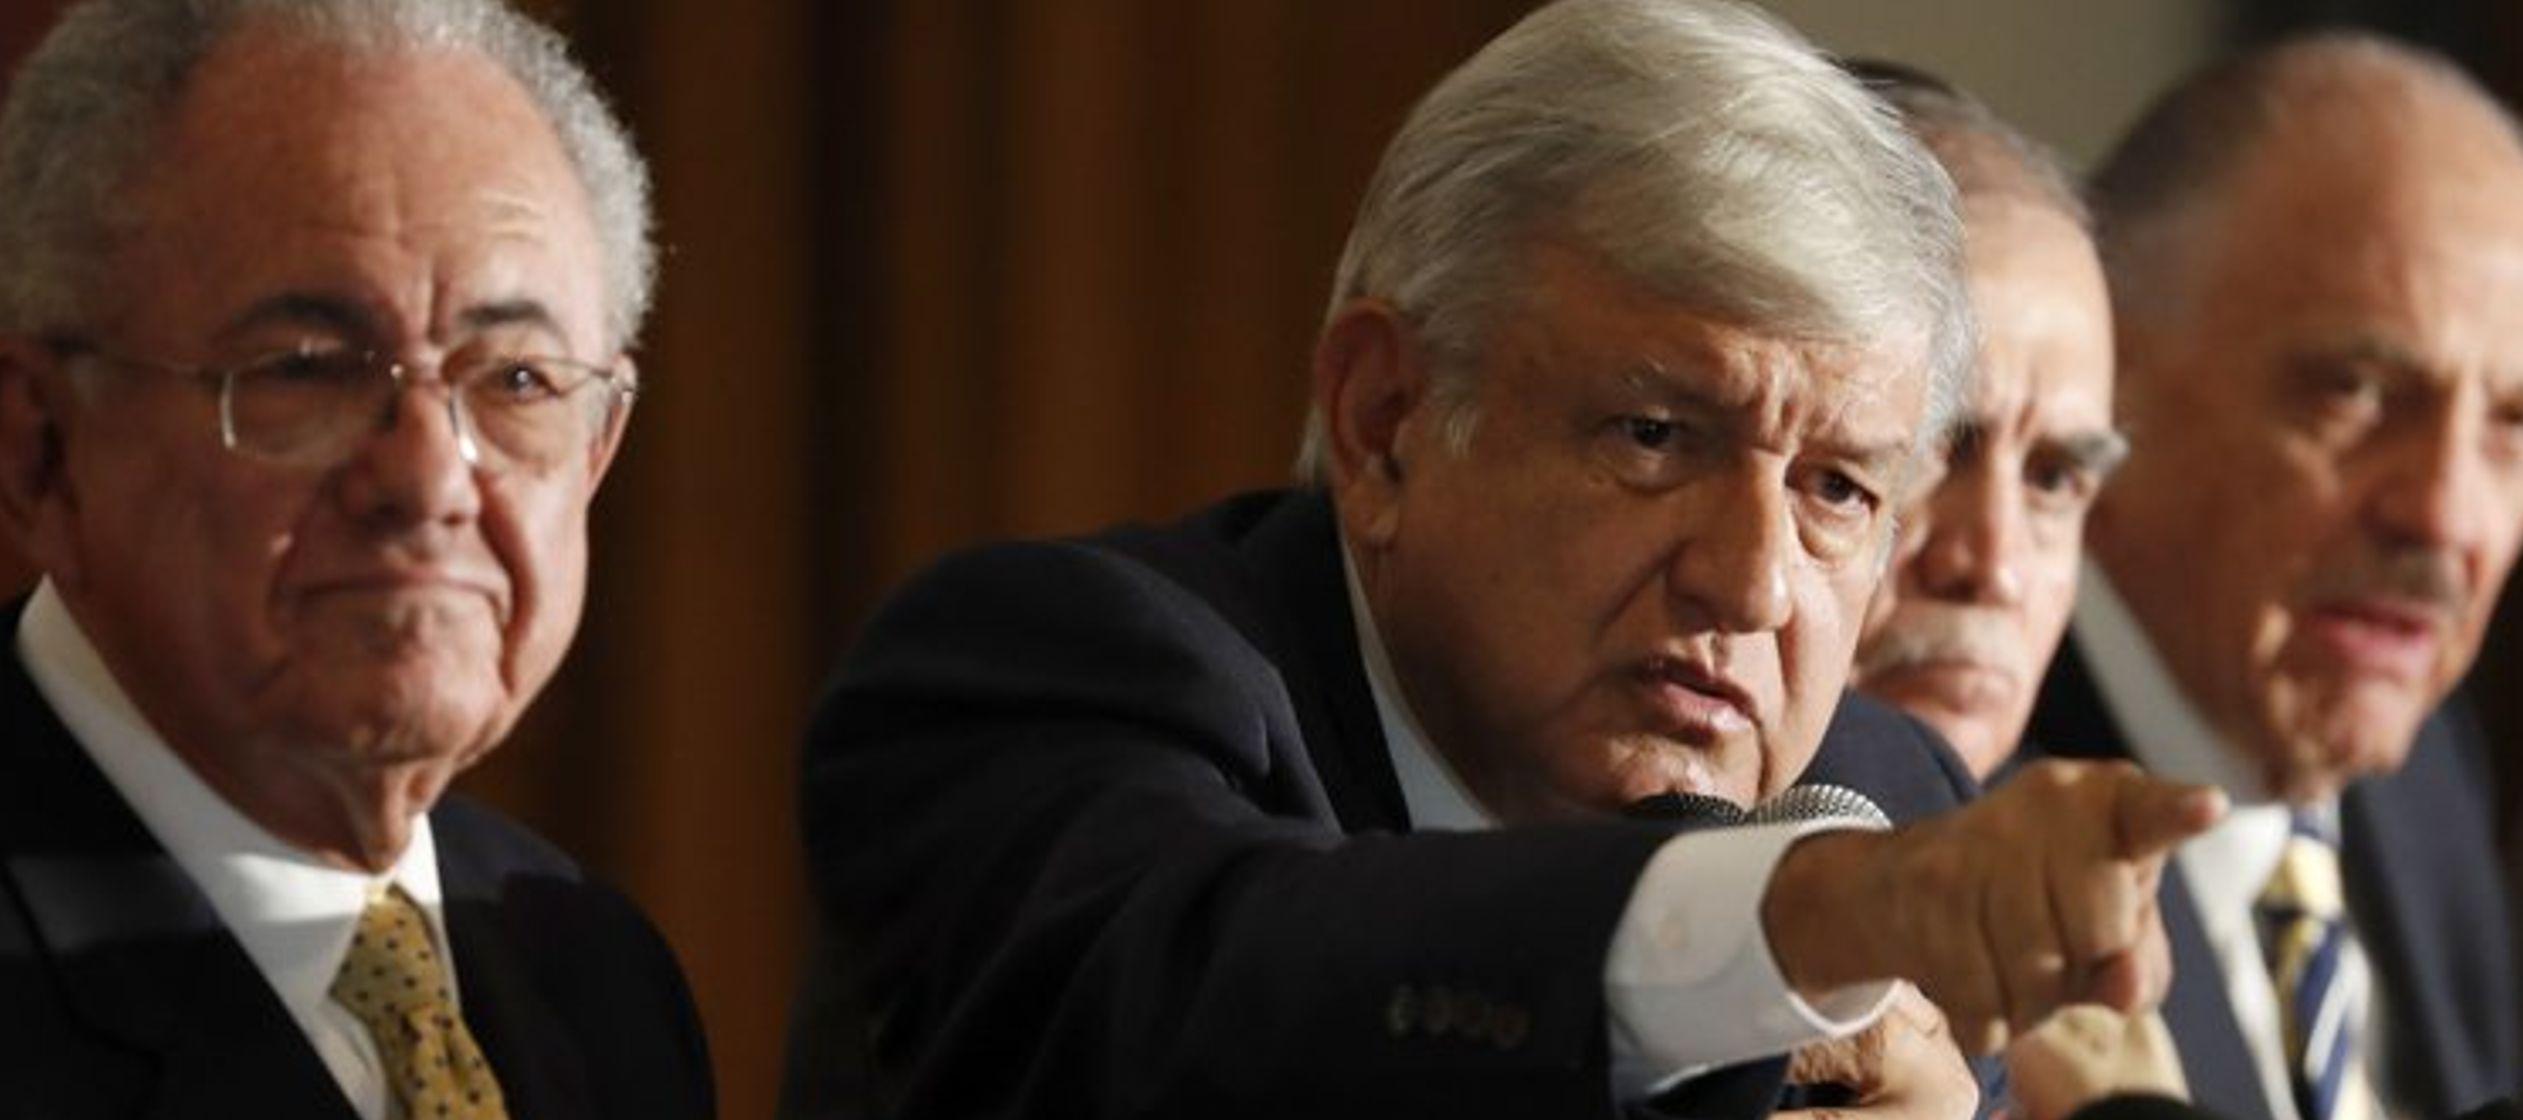 López Obrador centralizará relación con prensa